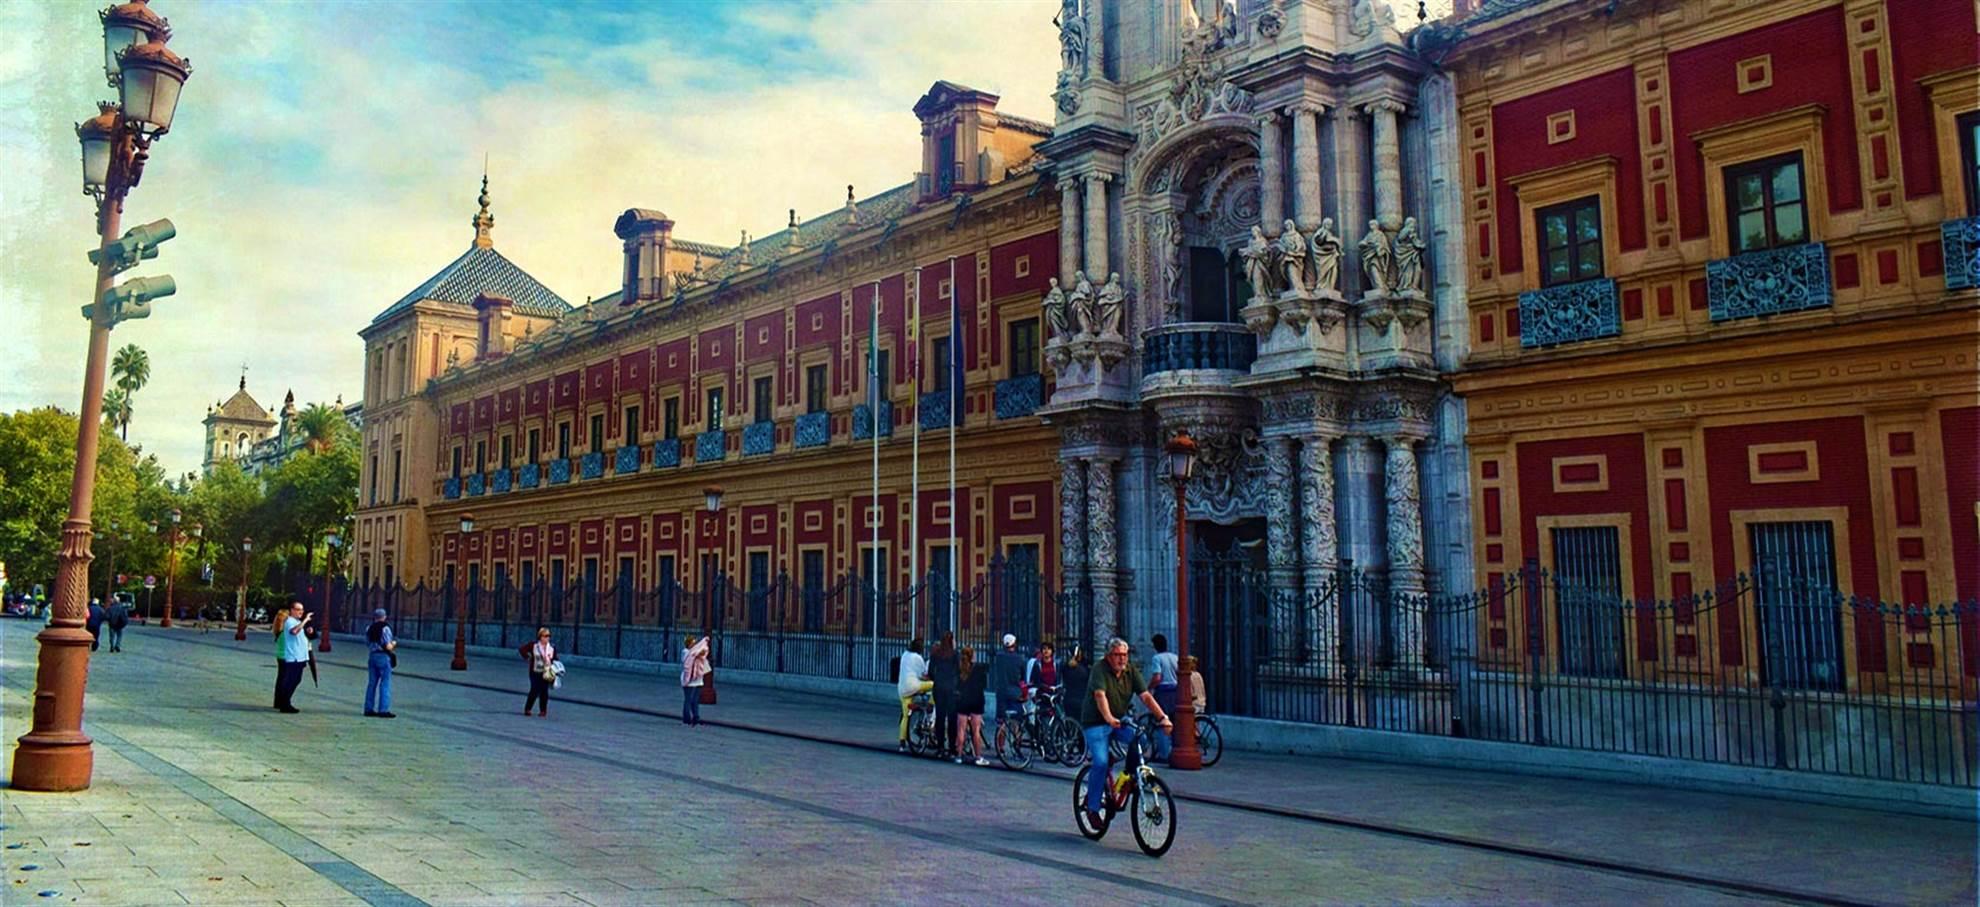 Typisch für Sevilla